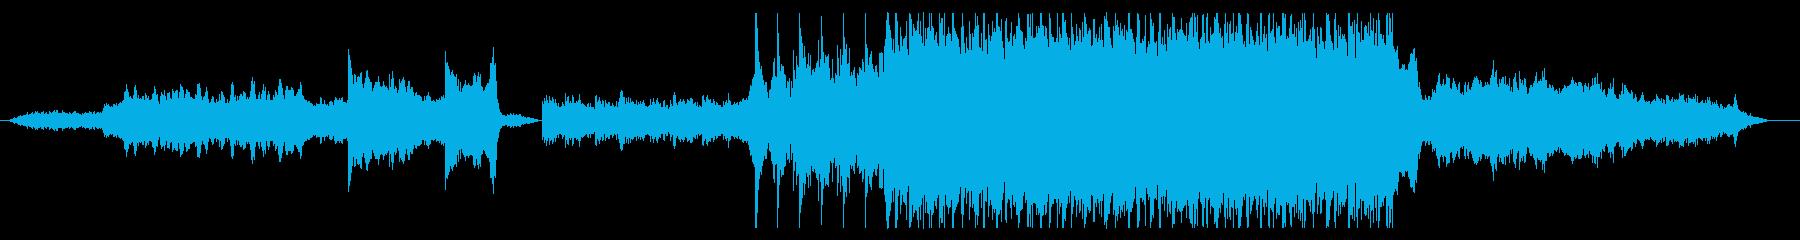 映画音楽のようなオーケストラの再生済みの波形